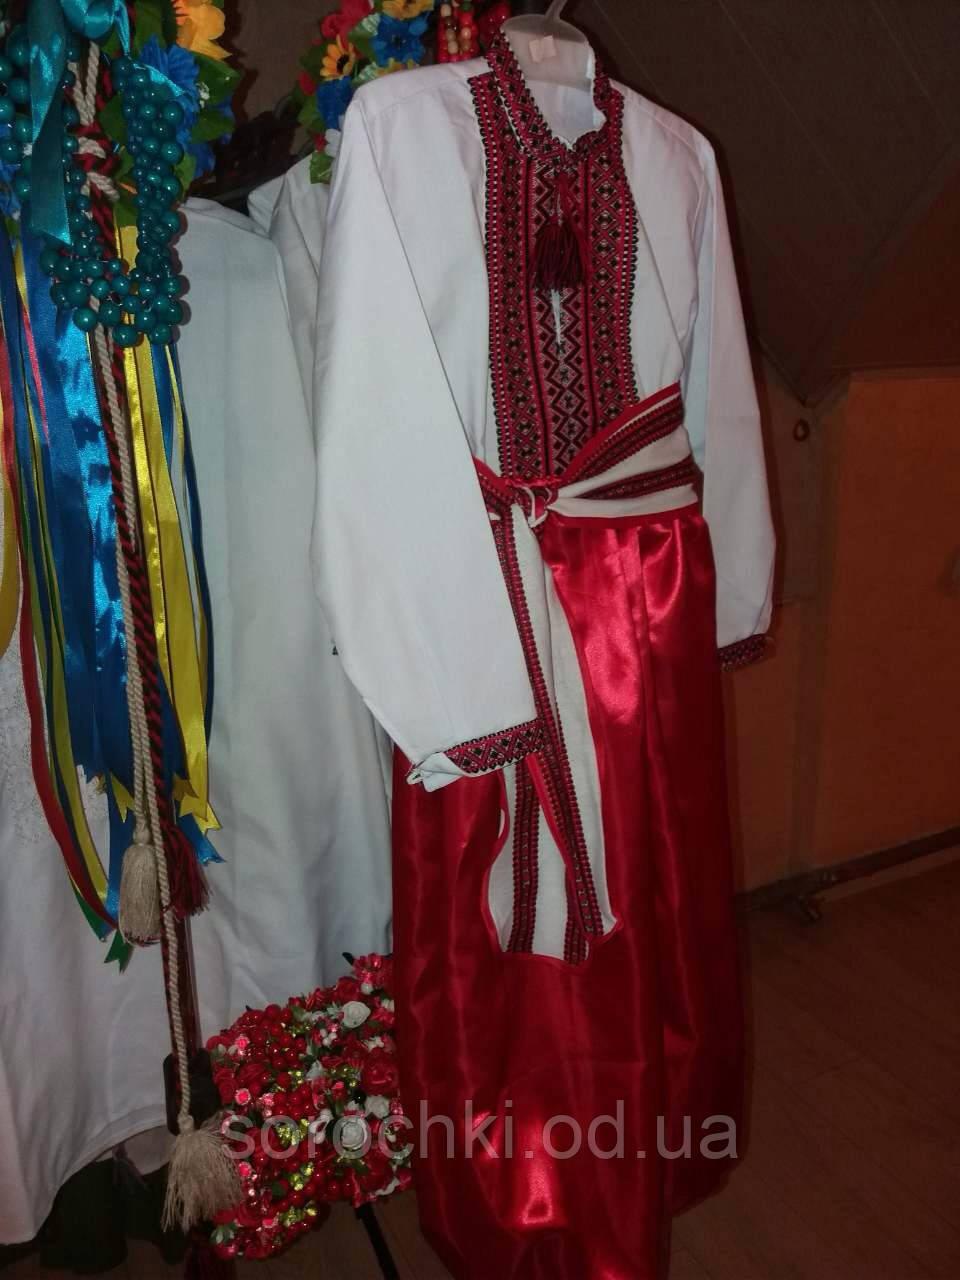 Украинский костюм детский для мальчика , сорочка белая-поплин, шаровары-шелк, продажа-прокат